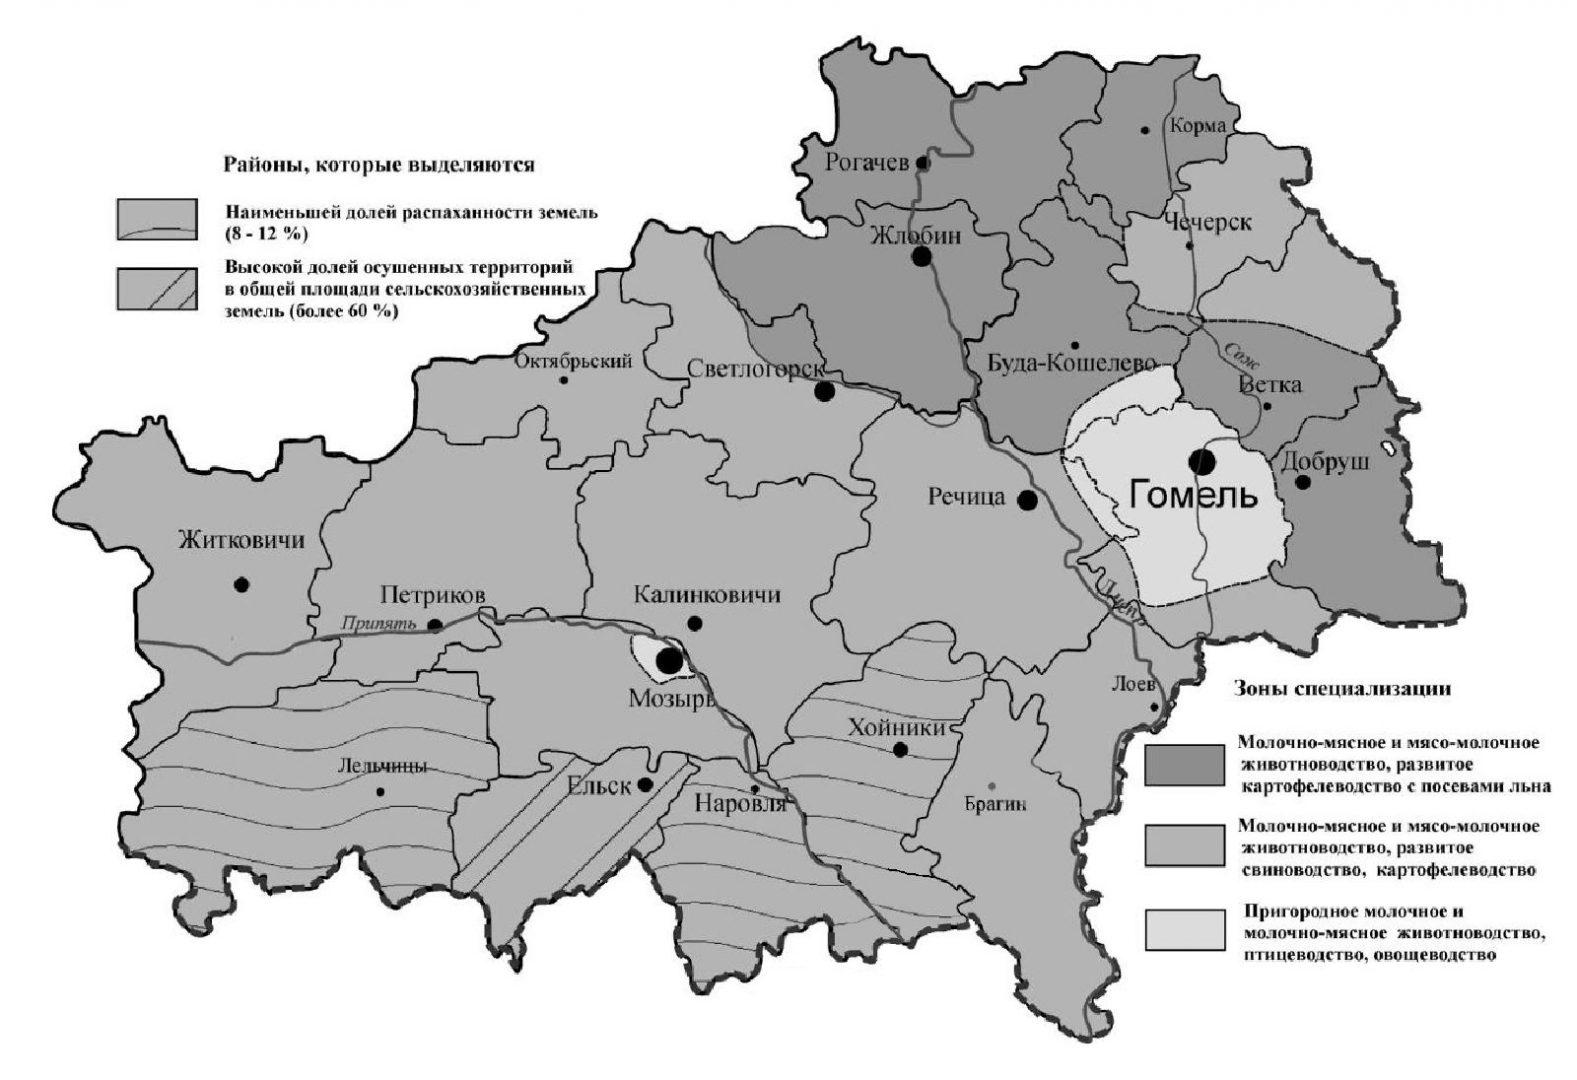 Сельское хозяйство Гомельской области карта